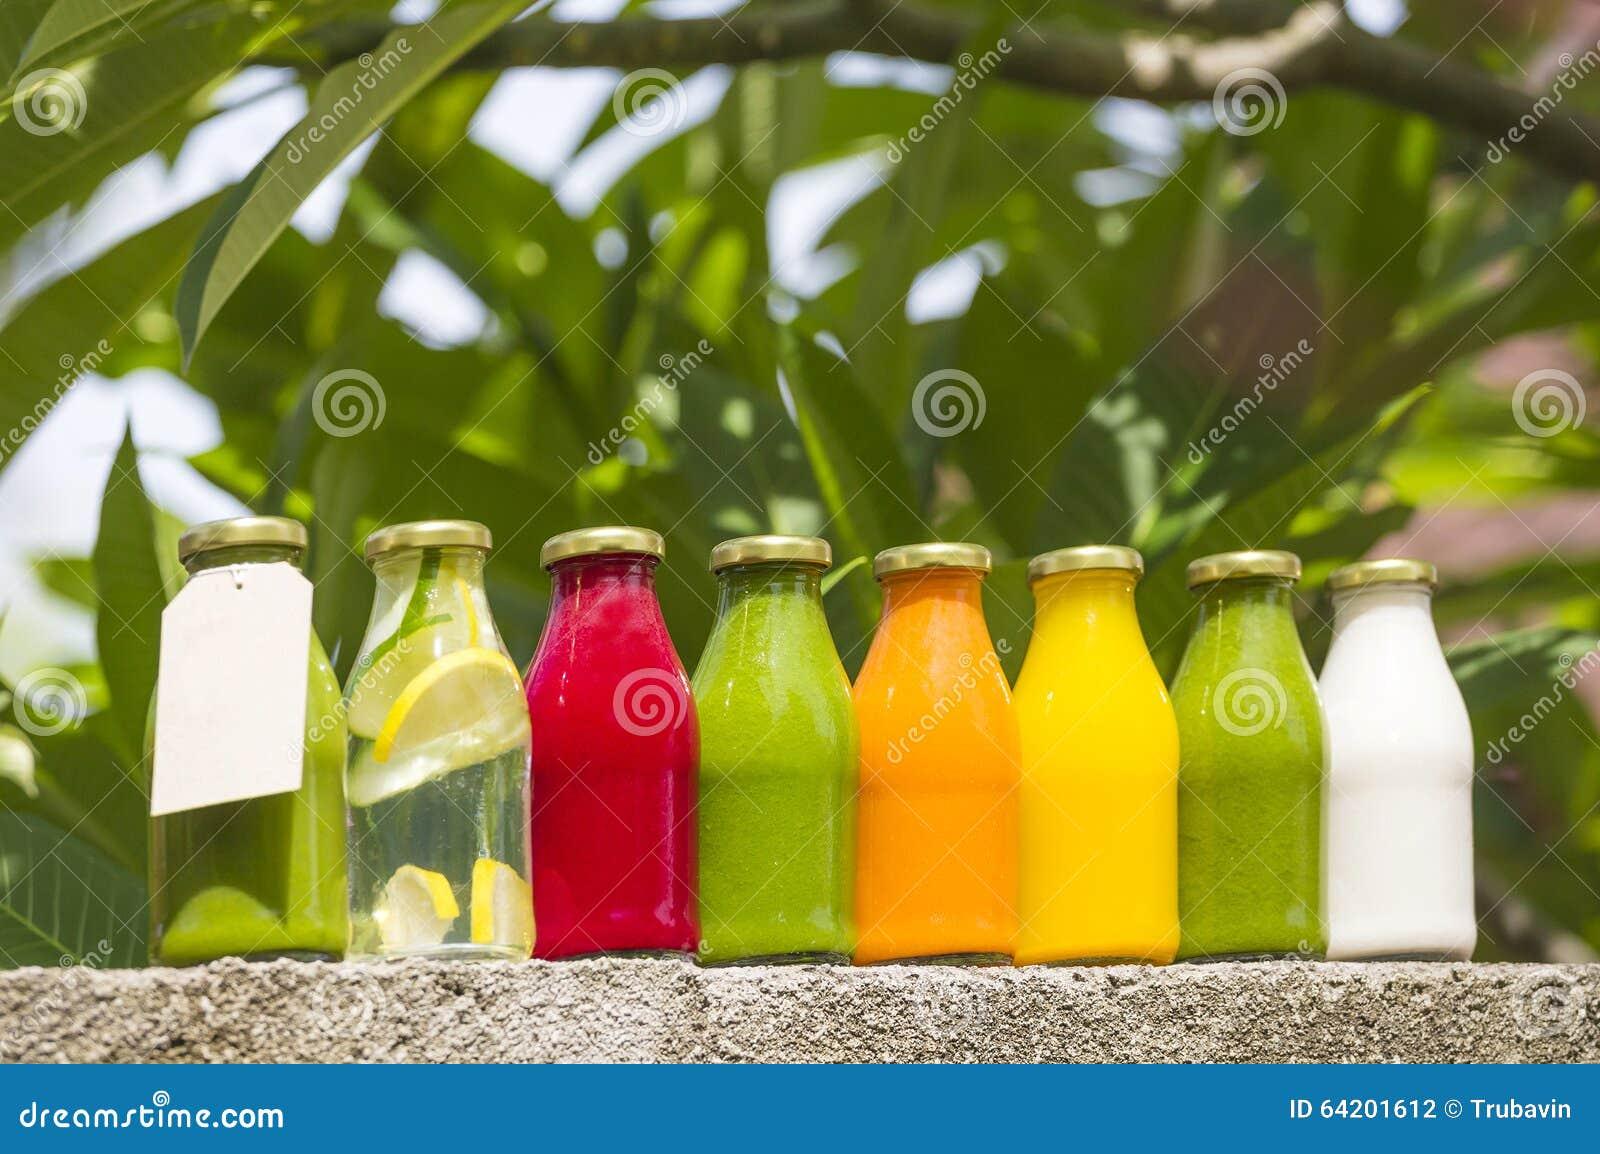 Jugos vegetales crudos planchados en frío orgánicos